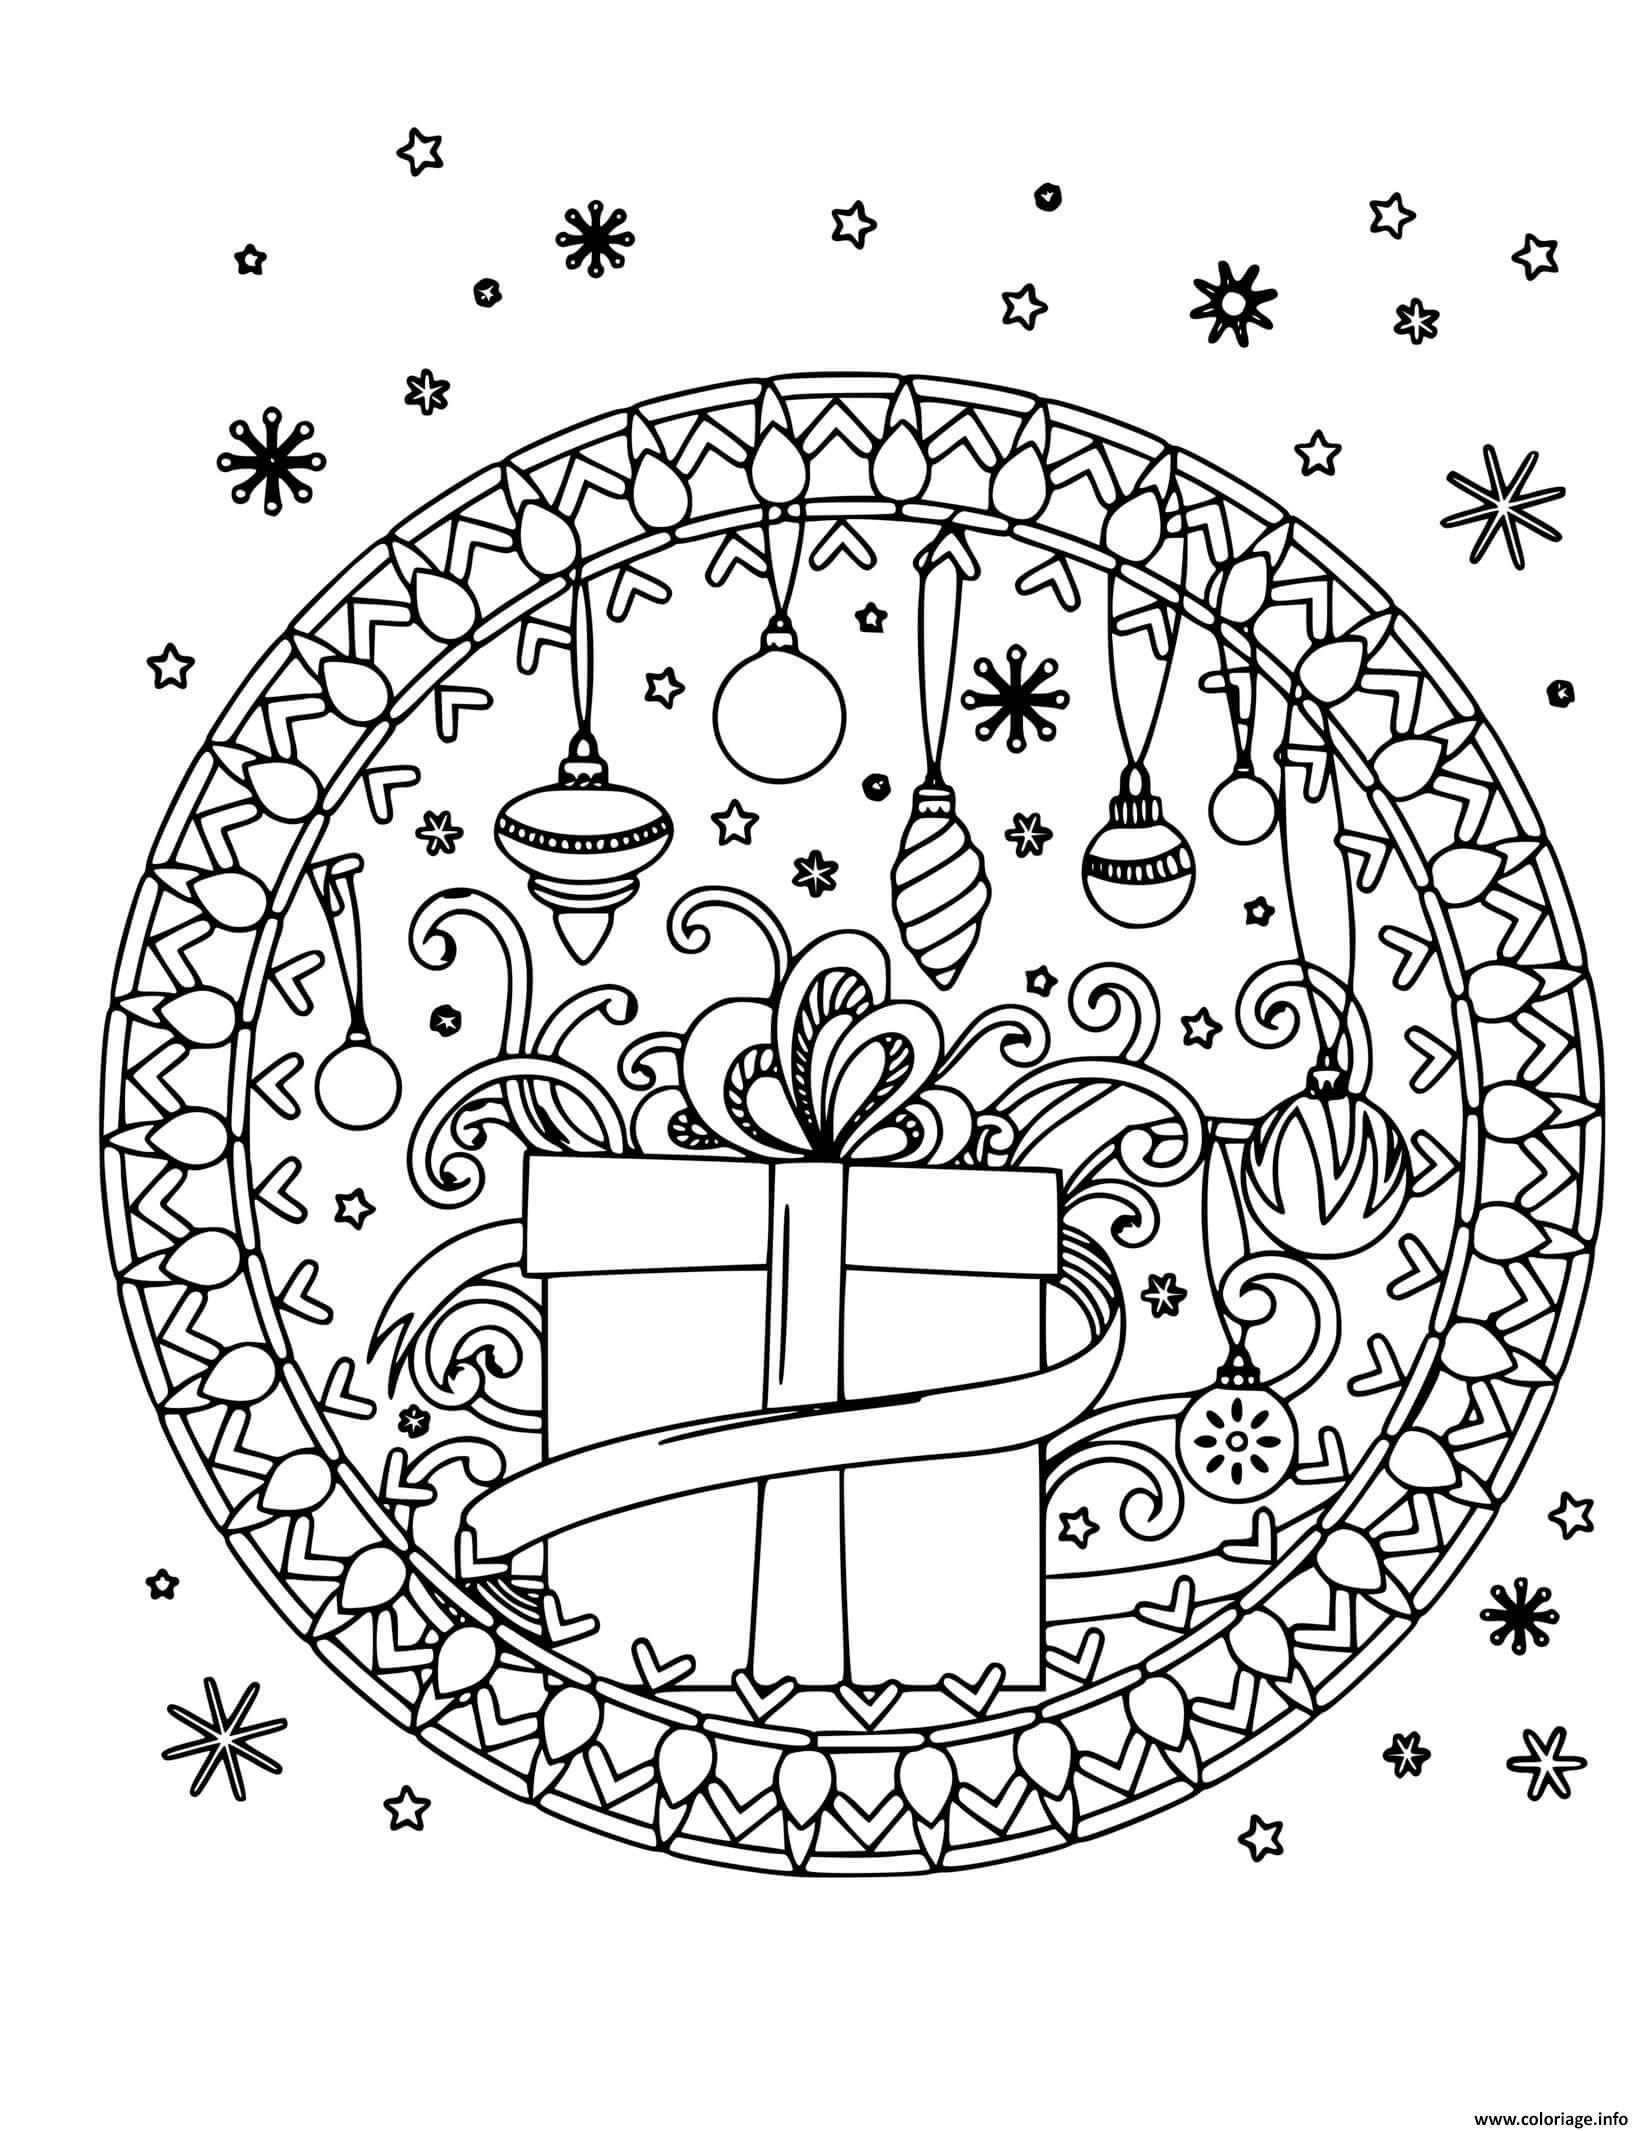 Dessin cadeau flocons de neige et decorations de noel mandala Coloriage Gratuit à Imprimer